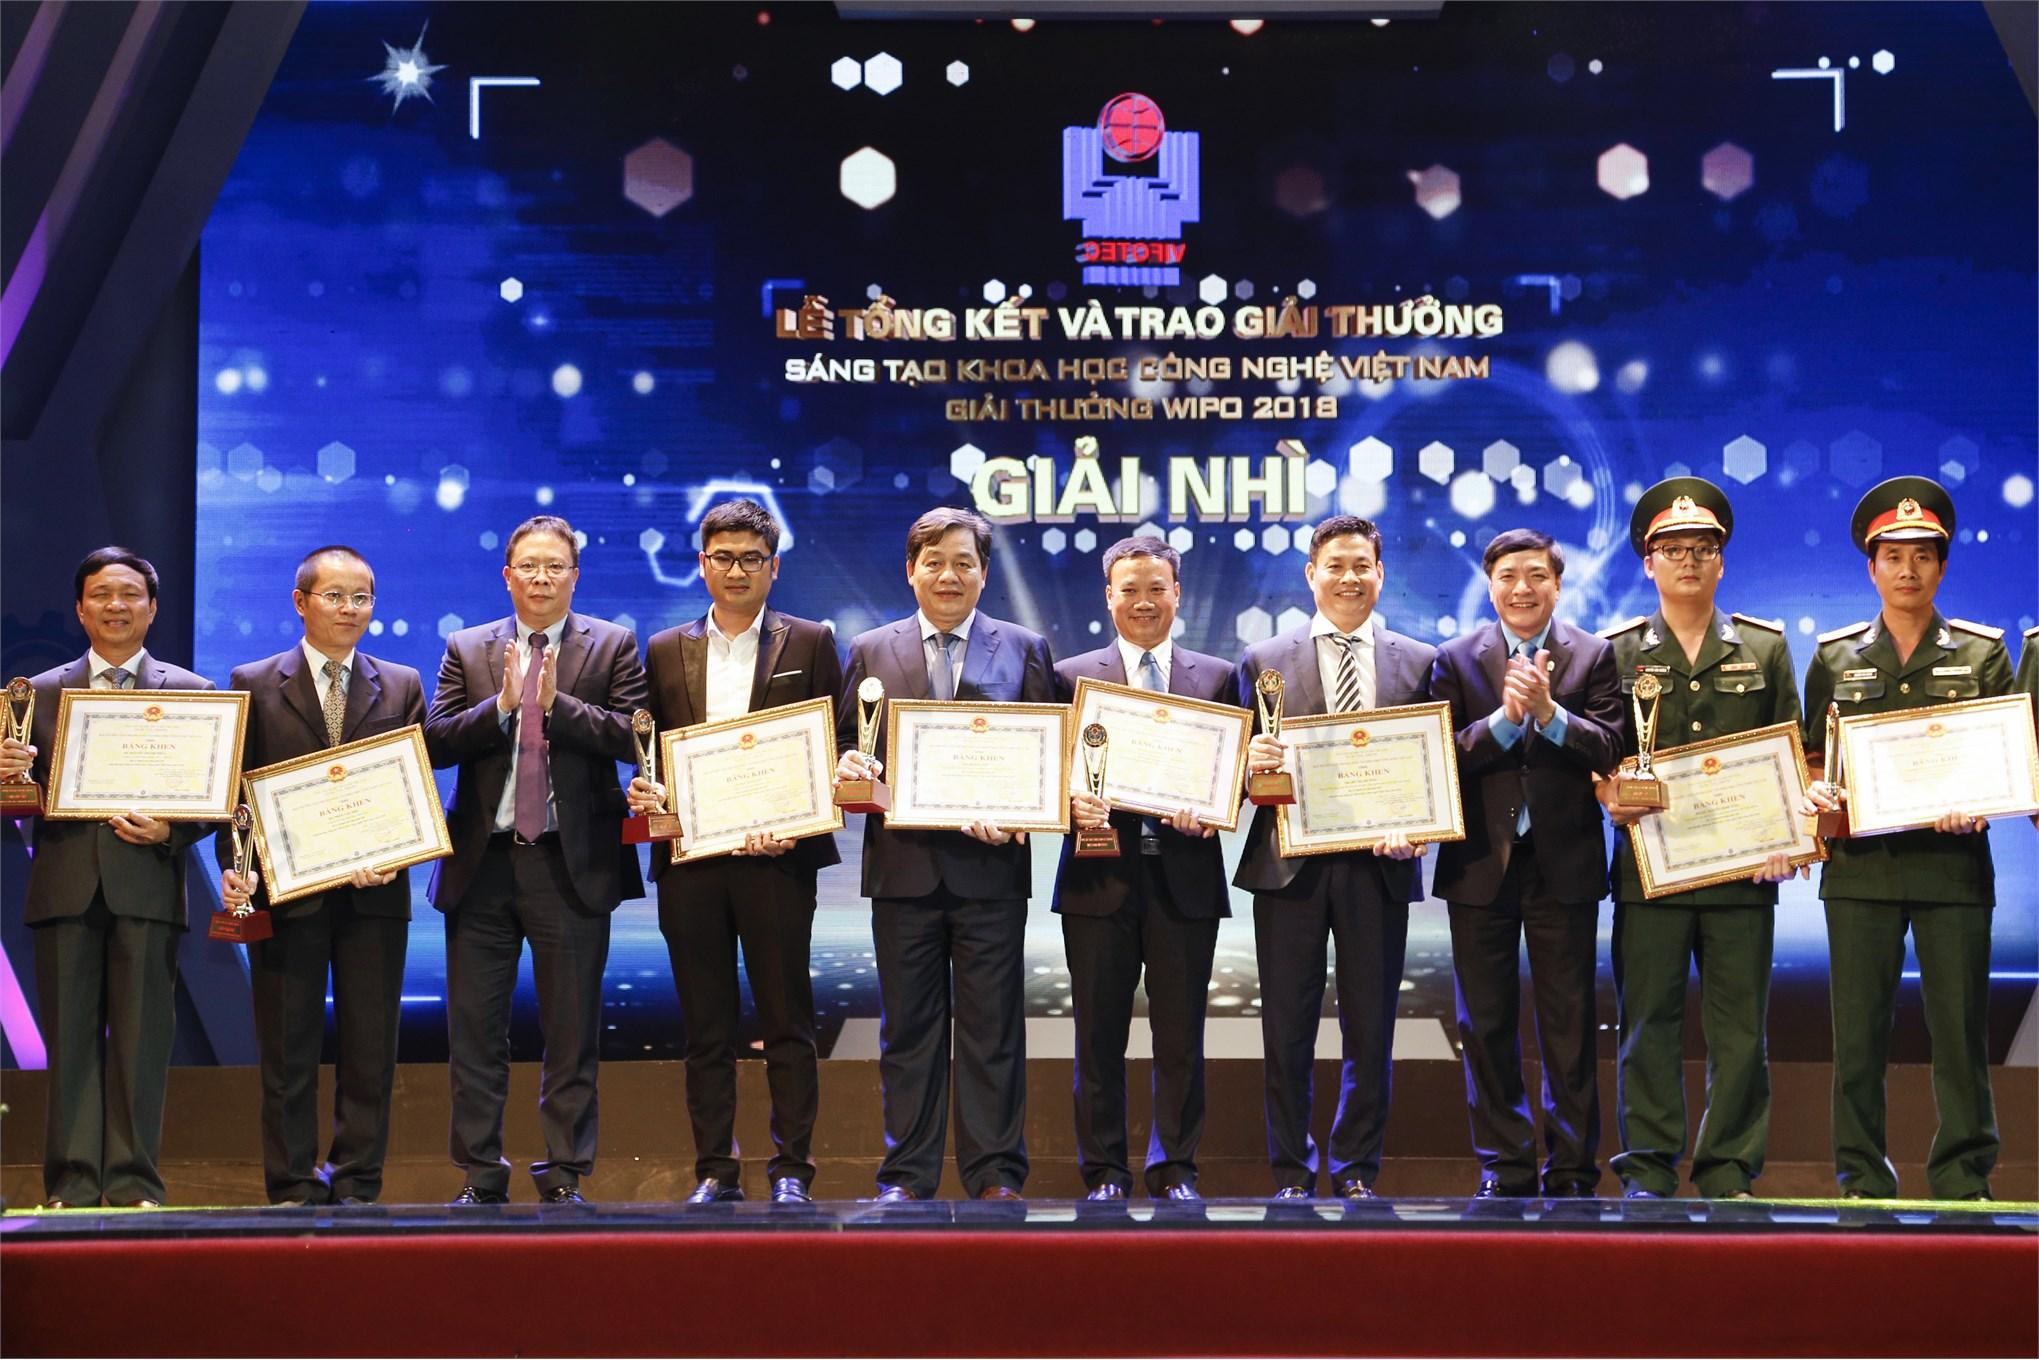 Đại học Công nghiệp Hà Nội thành công với mô hình đại học điện tử, hướng tới xây dựng đại học thông minh